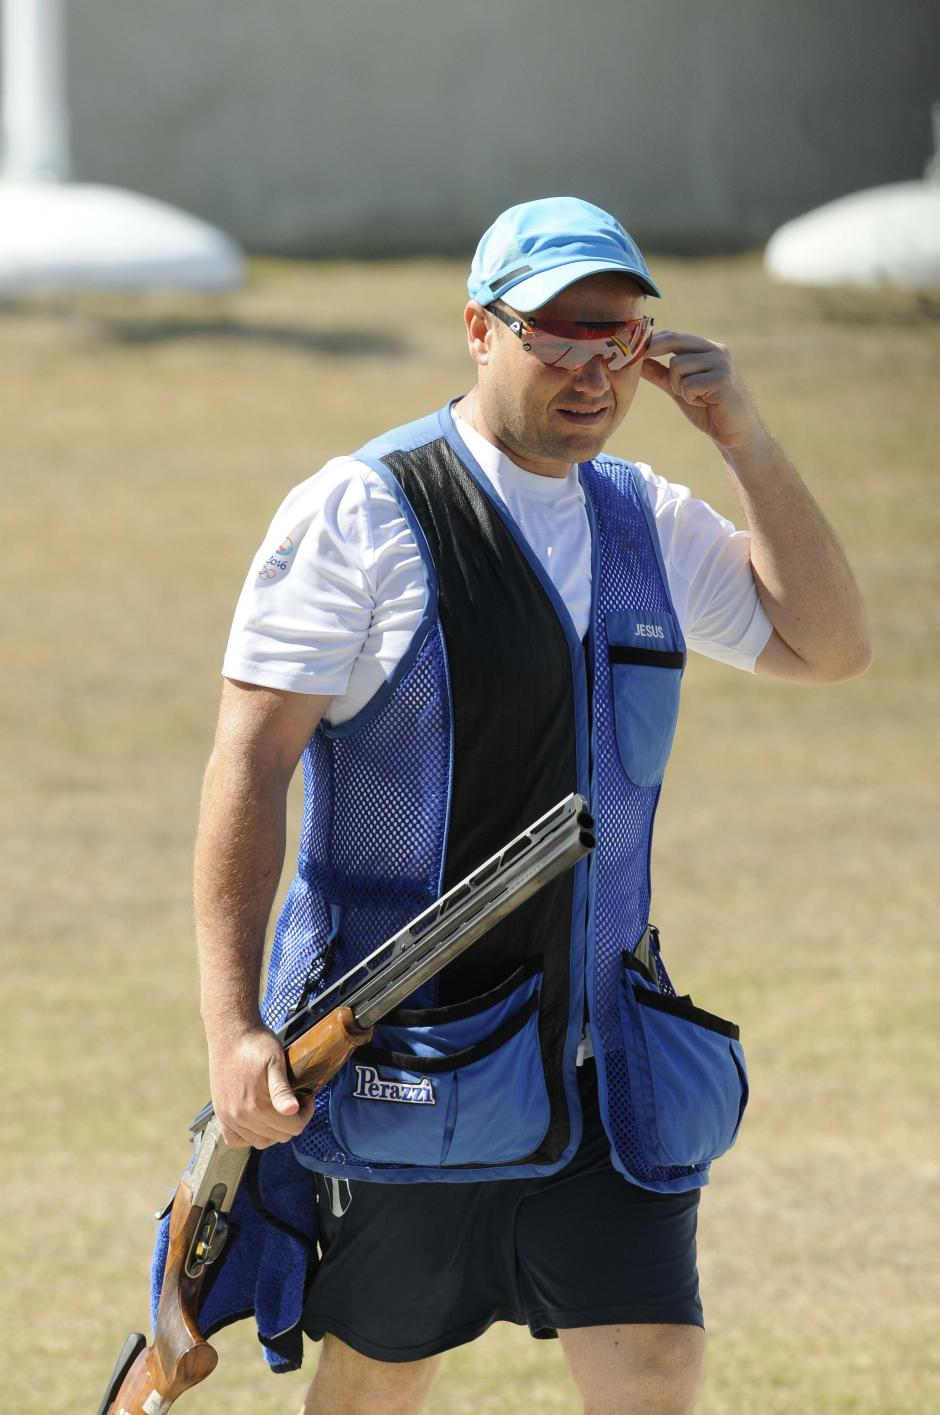 Enrique Brol fue subcampeón del mundo el año pasado. (Foto: Aldo Martínez/enviado de Nuestro Diario)